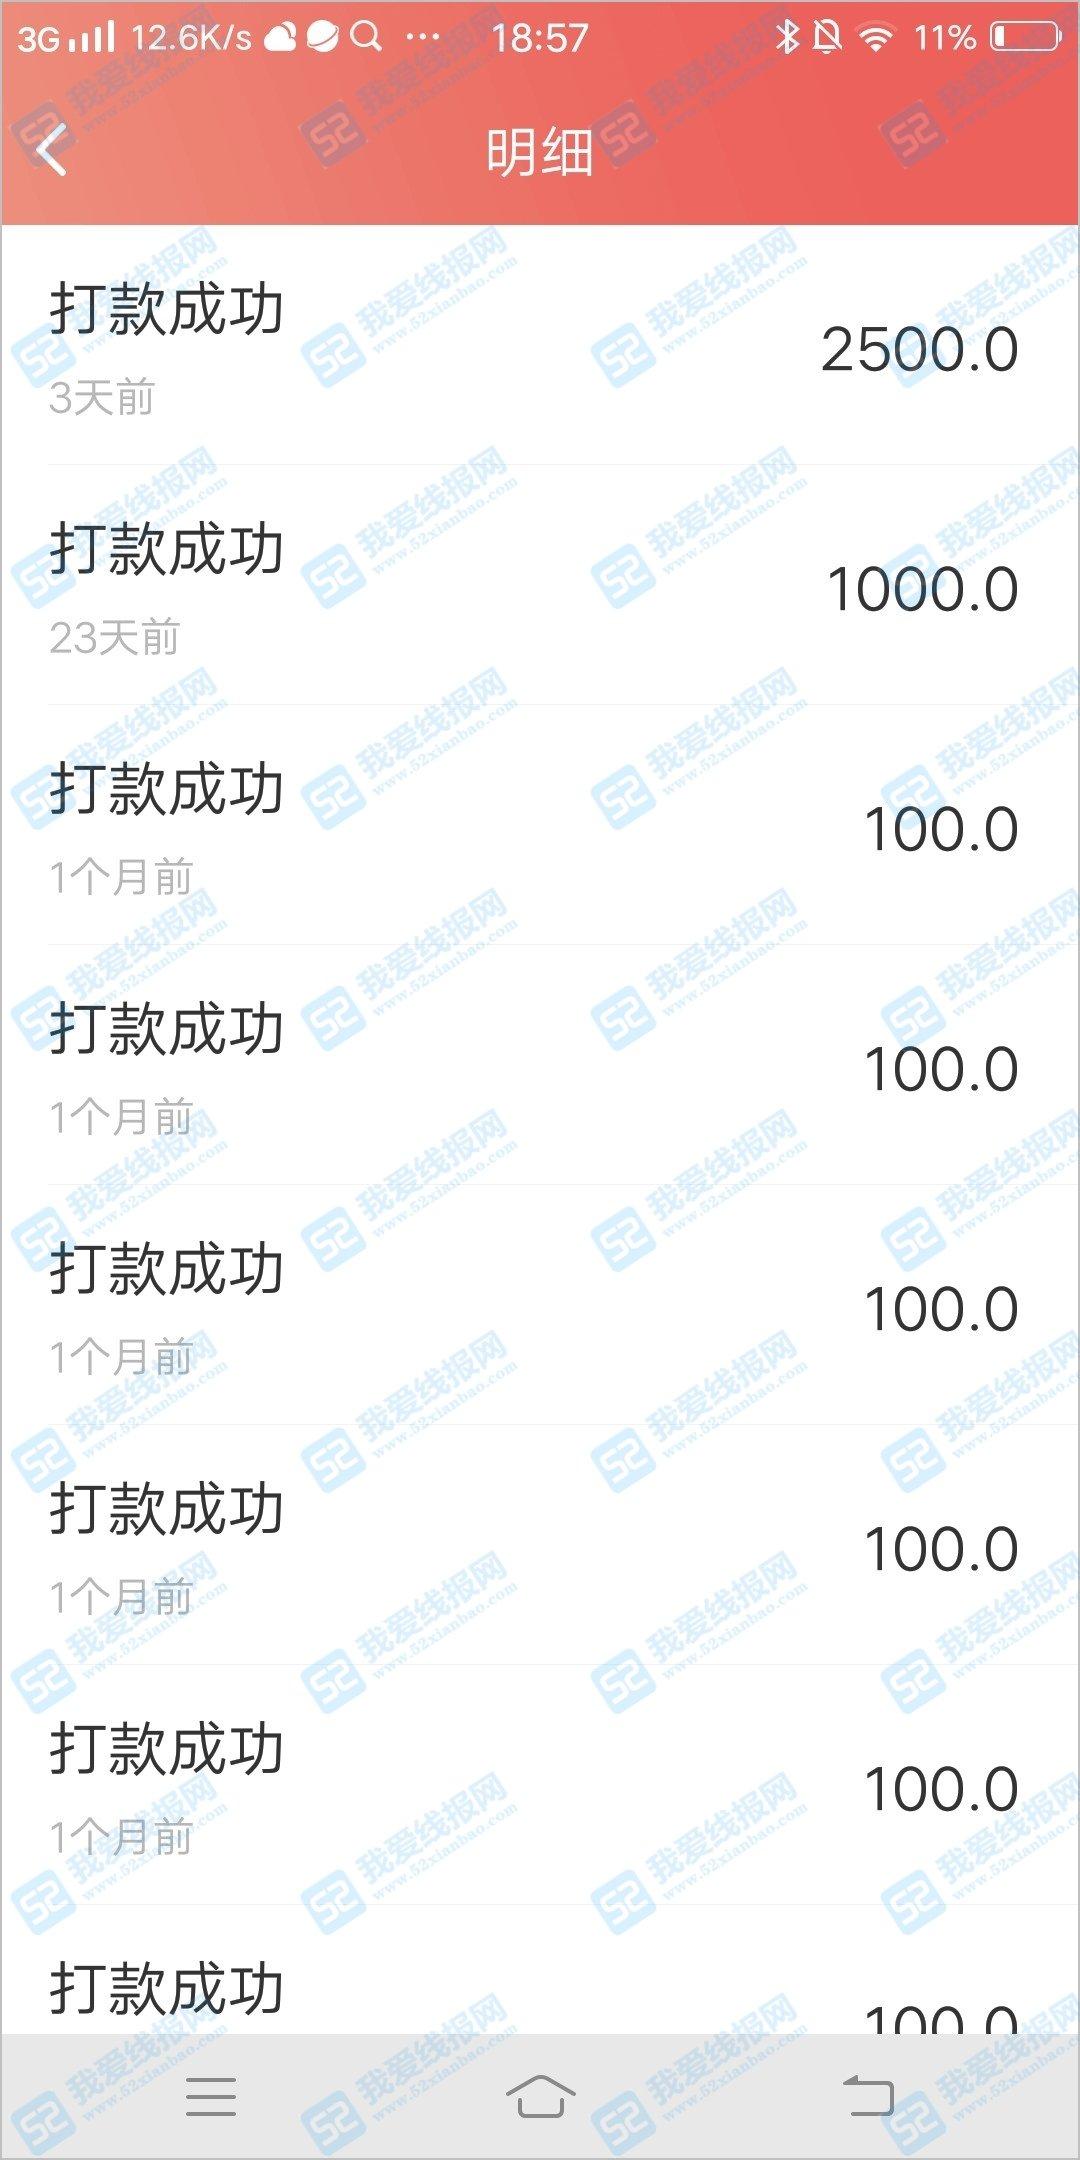 红淘客是真的吗?红淘客官网下载-正规的悬赏任务平台日挣50元 网上赚钱 第3张